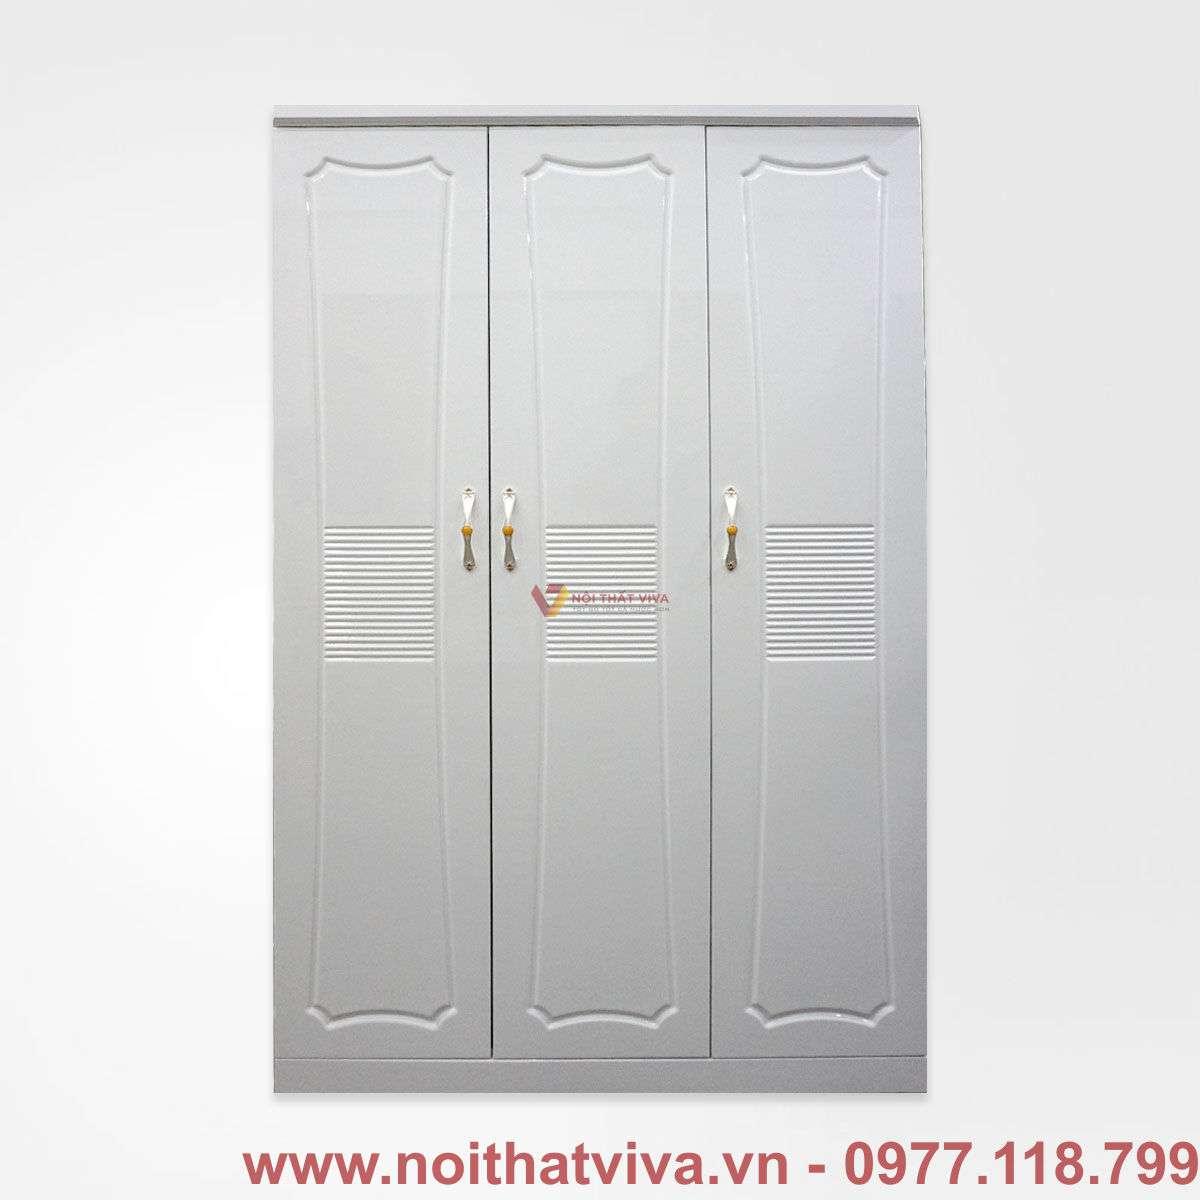 Tủ áo mdf sơn trắng 2k 3 cánh